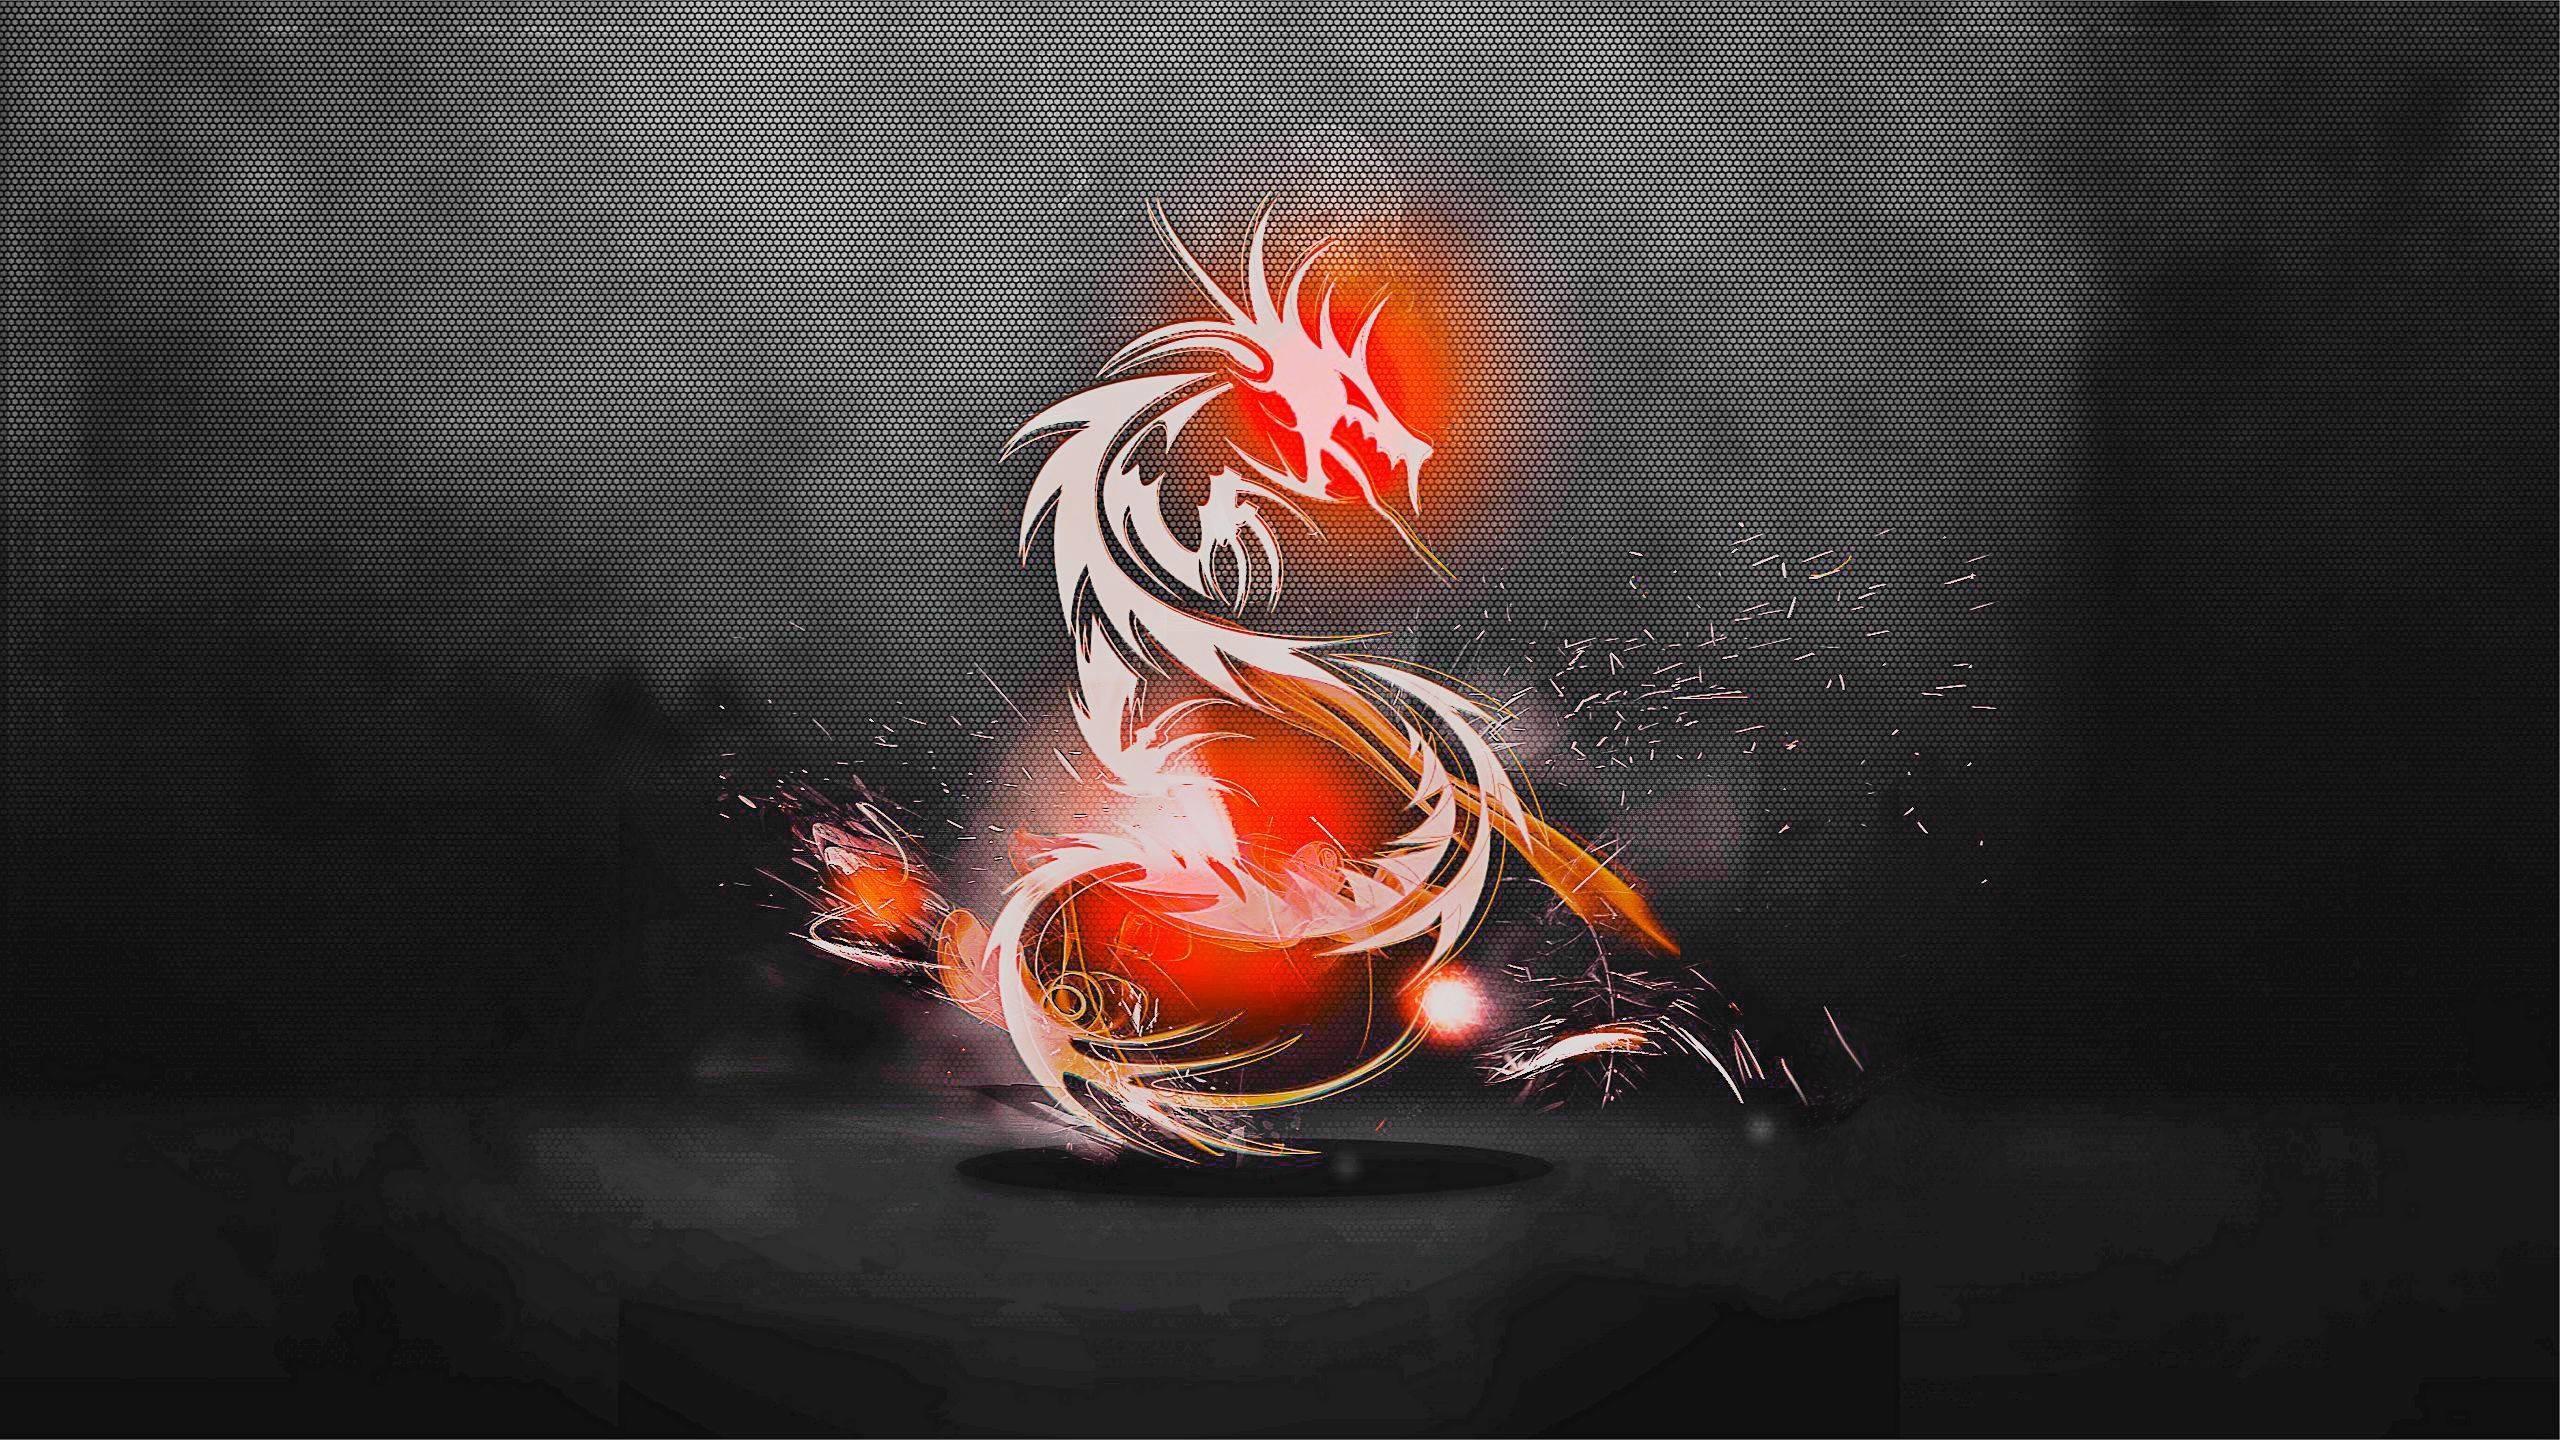 Download 4k Dragon Wallpaper - Dragon Wallpaper Hd 4k On ...